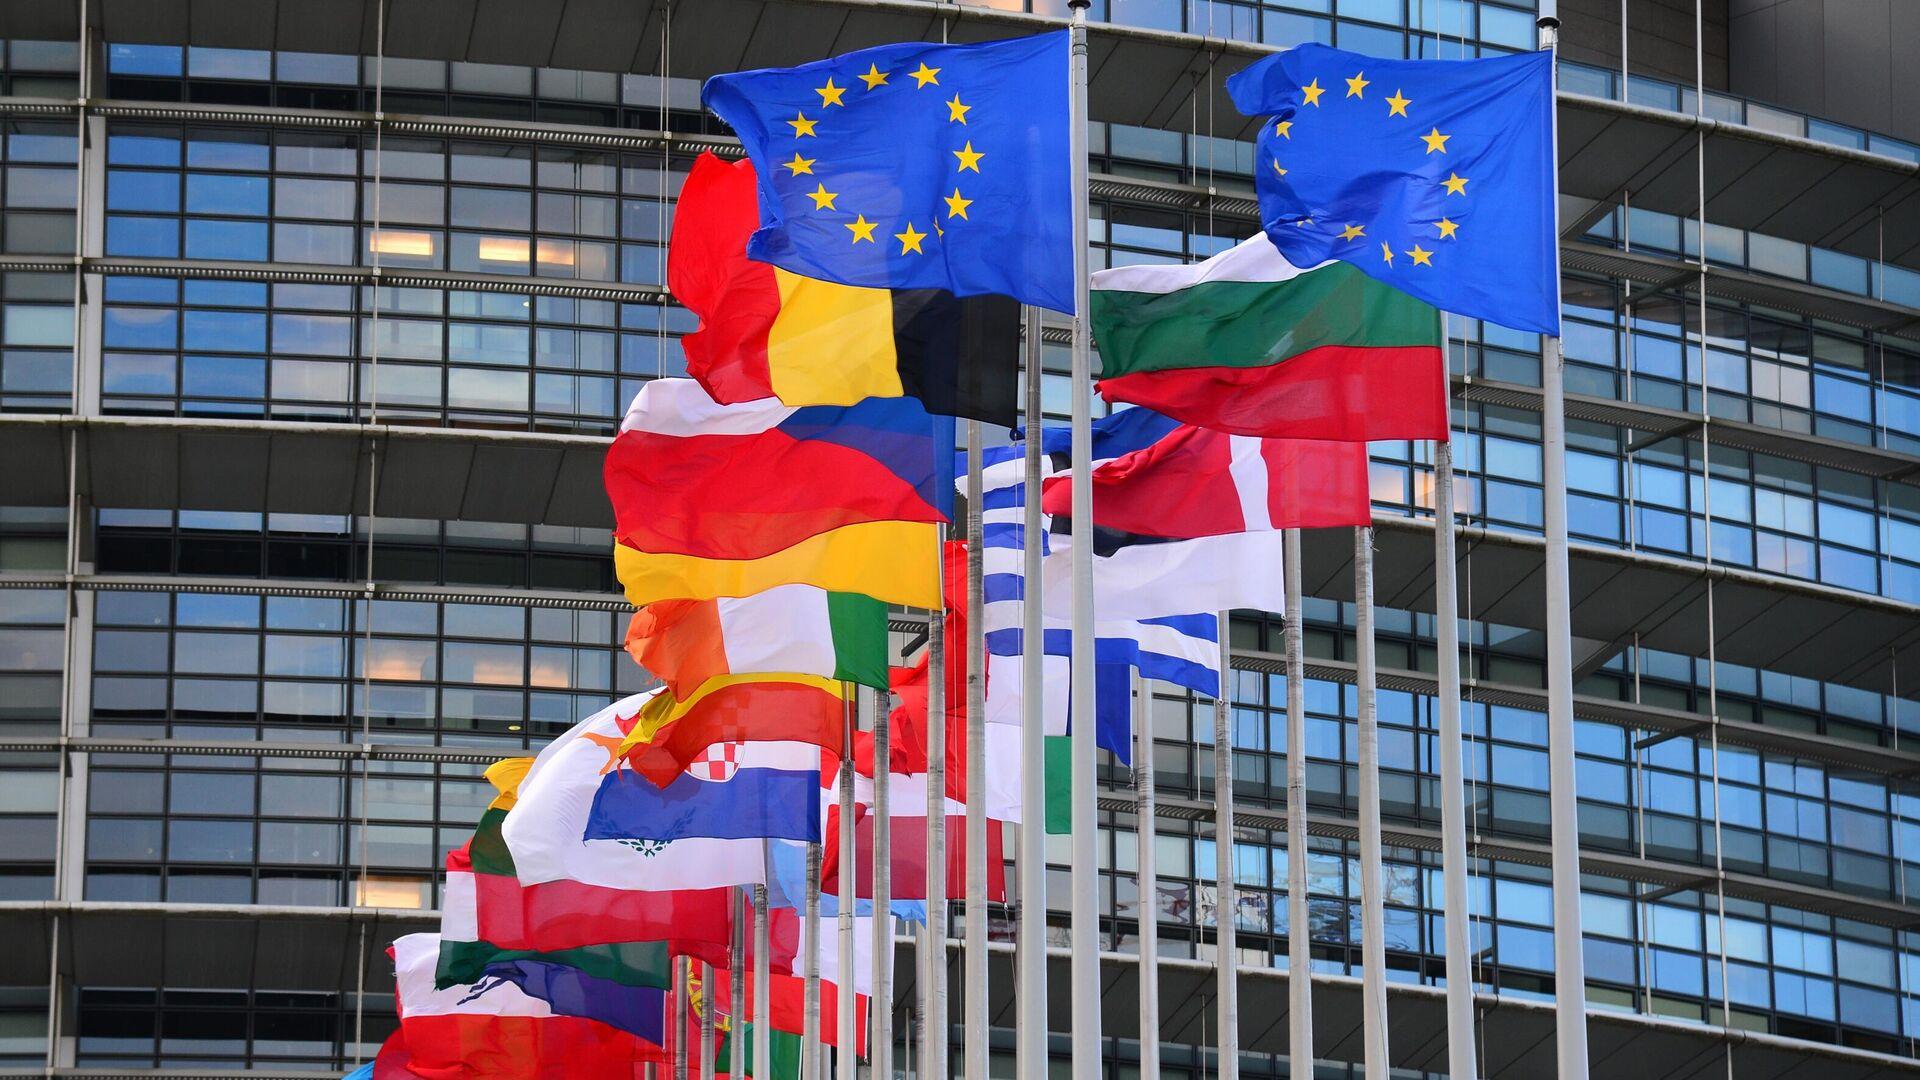 Флаги стран Евросоюза перед главным зданием Европейского парламента в Страсбурге - РИА Новости, 1920, 24.03.2021